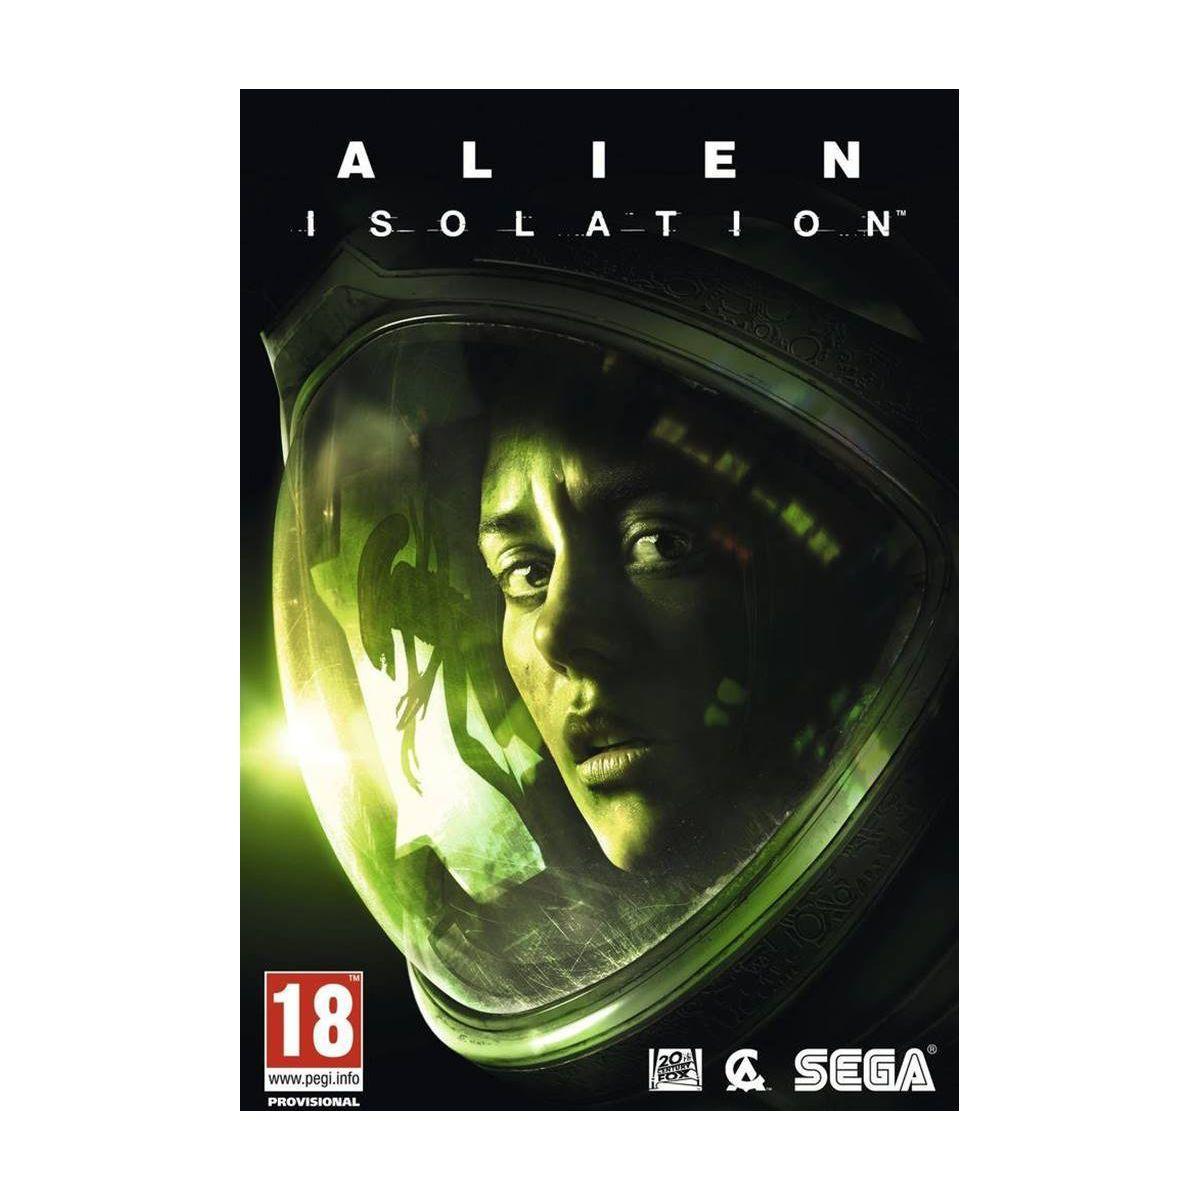 Jeu pc just for games alien isolation - 3% de remise immédiate avec le code : multi3 (photo)